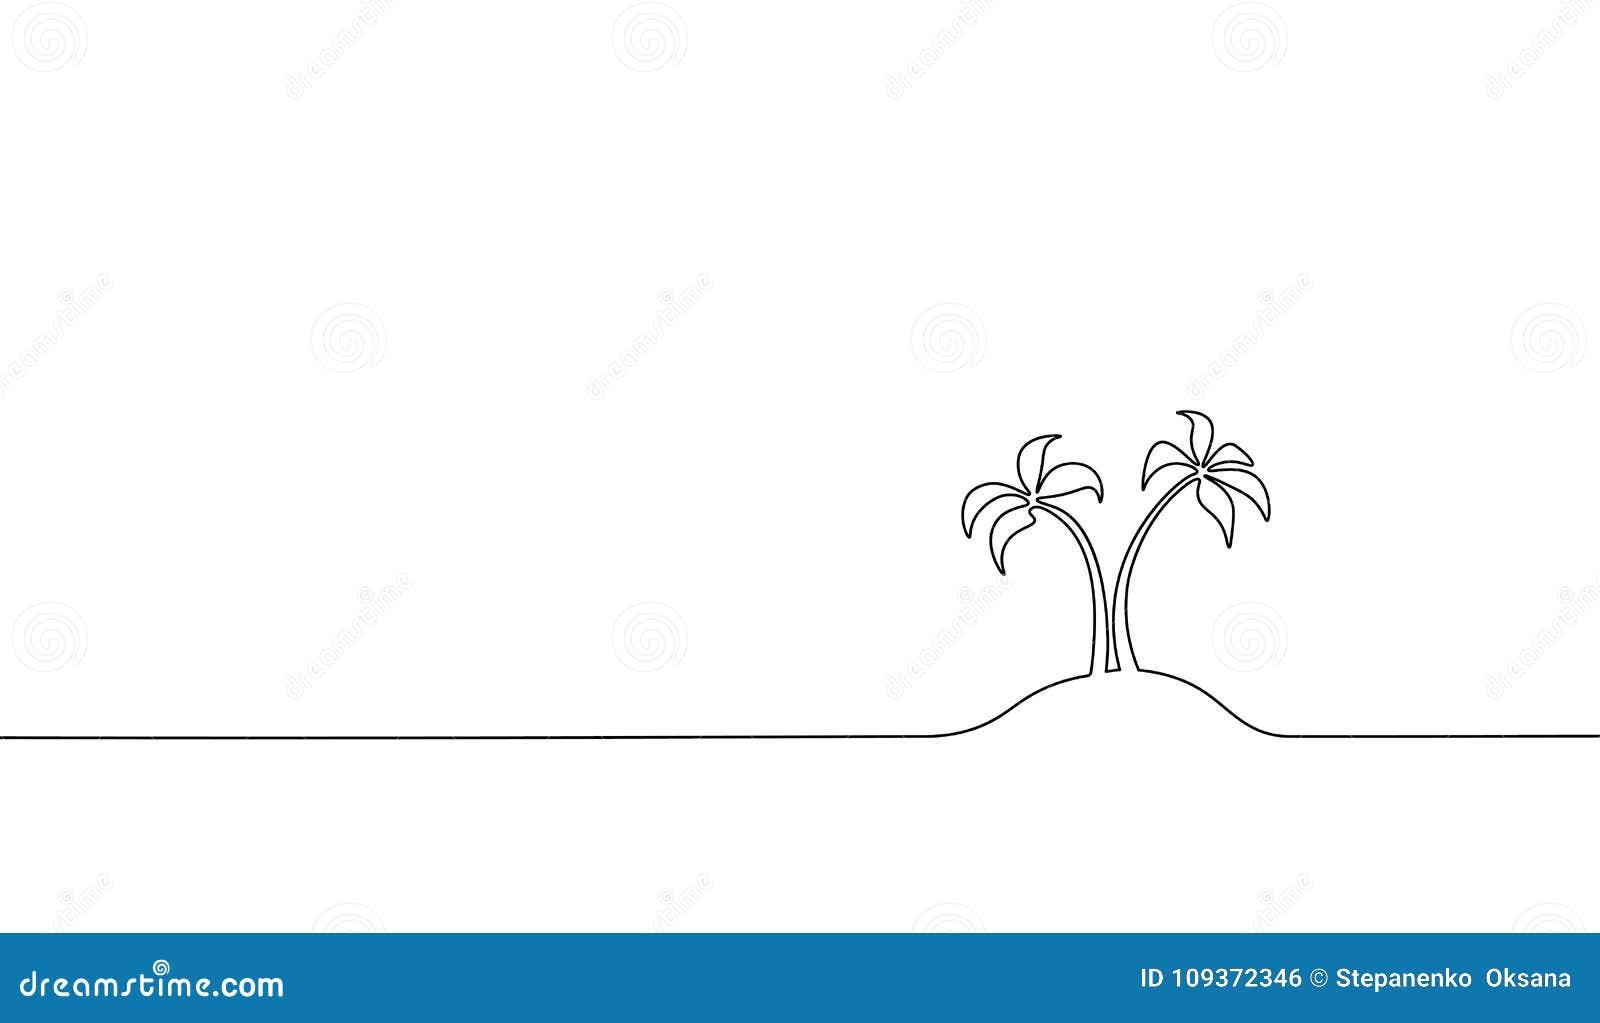 Sola Línea Continua Palma Del árbol De Coco Del Arte Vector Tropical ...